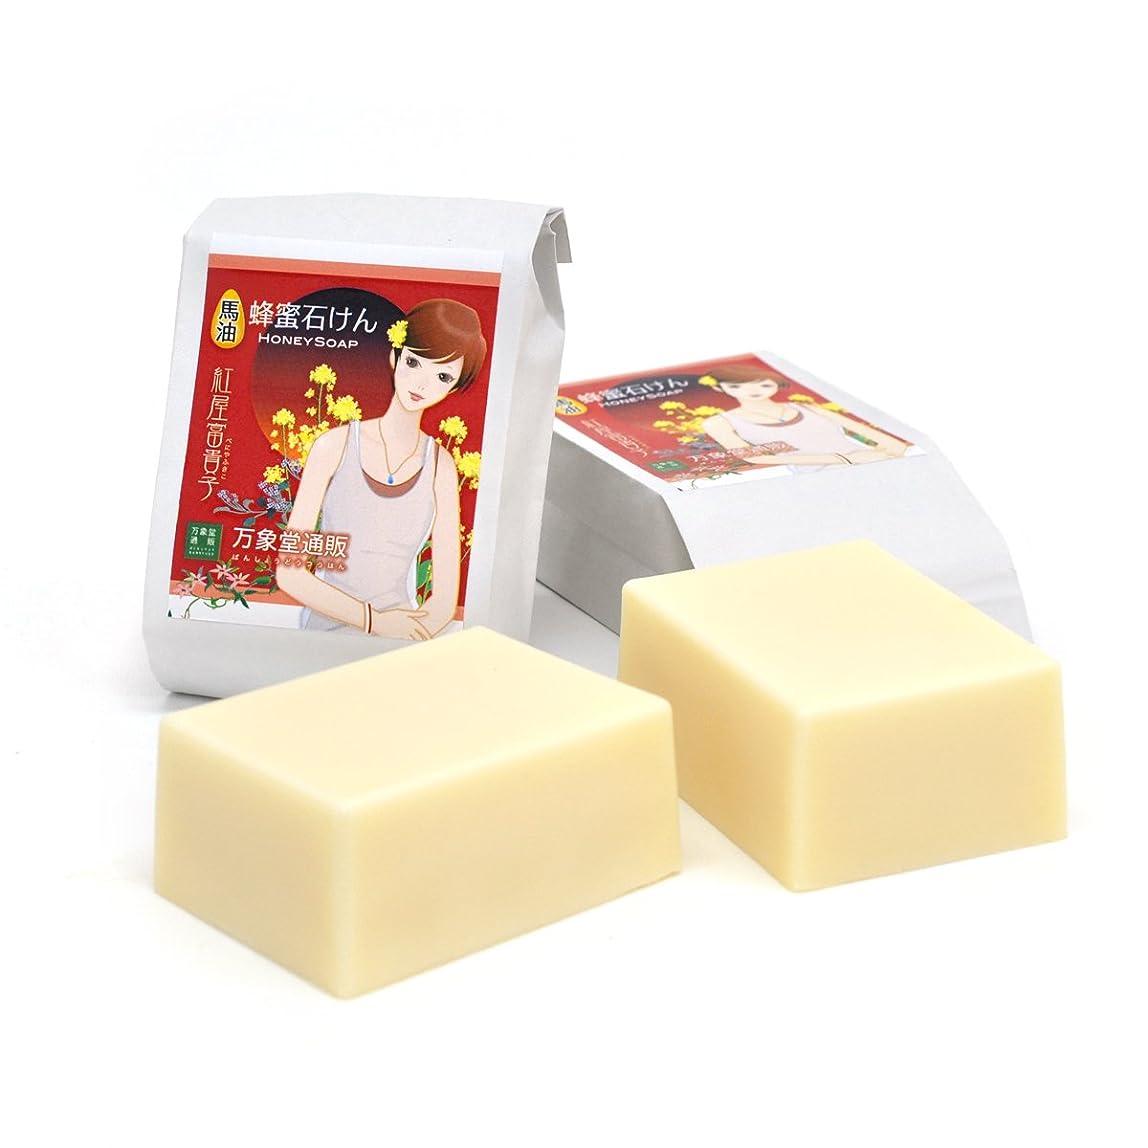 なかなか事件、出来事ゾーン森羅万象堂 馬油石鹸 90g×2個 (国産)熊本県産 国産蜂蜜配合